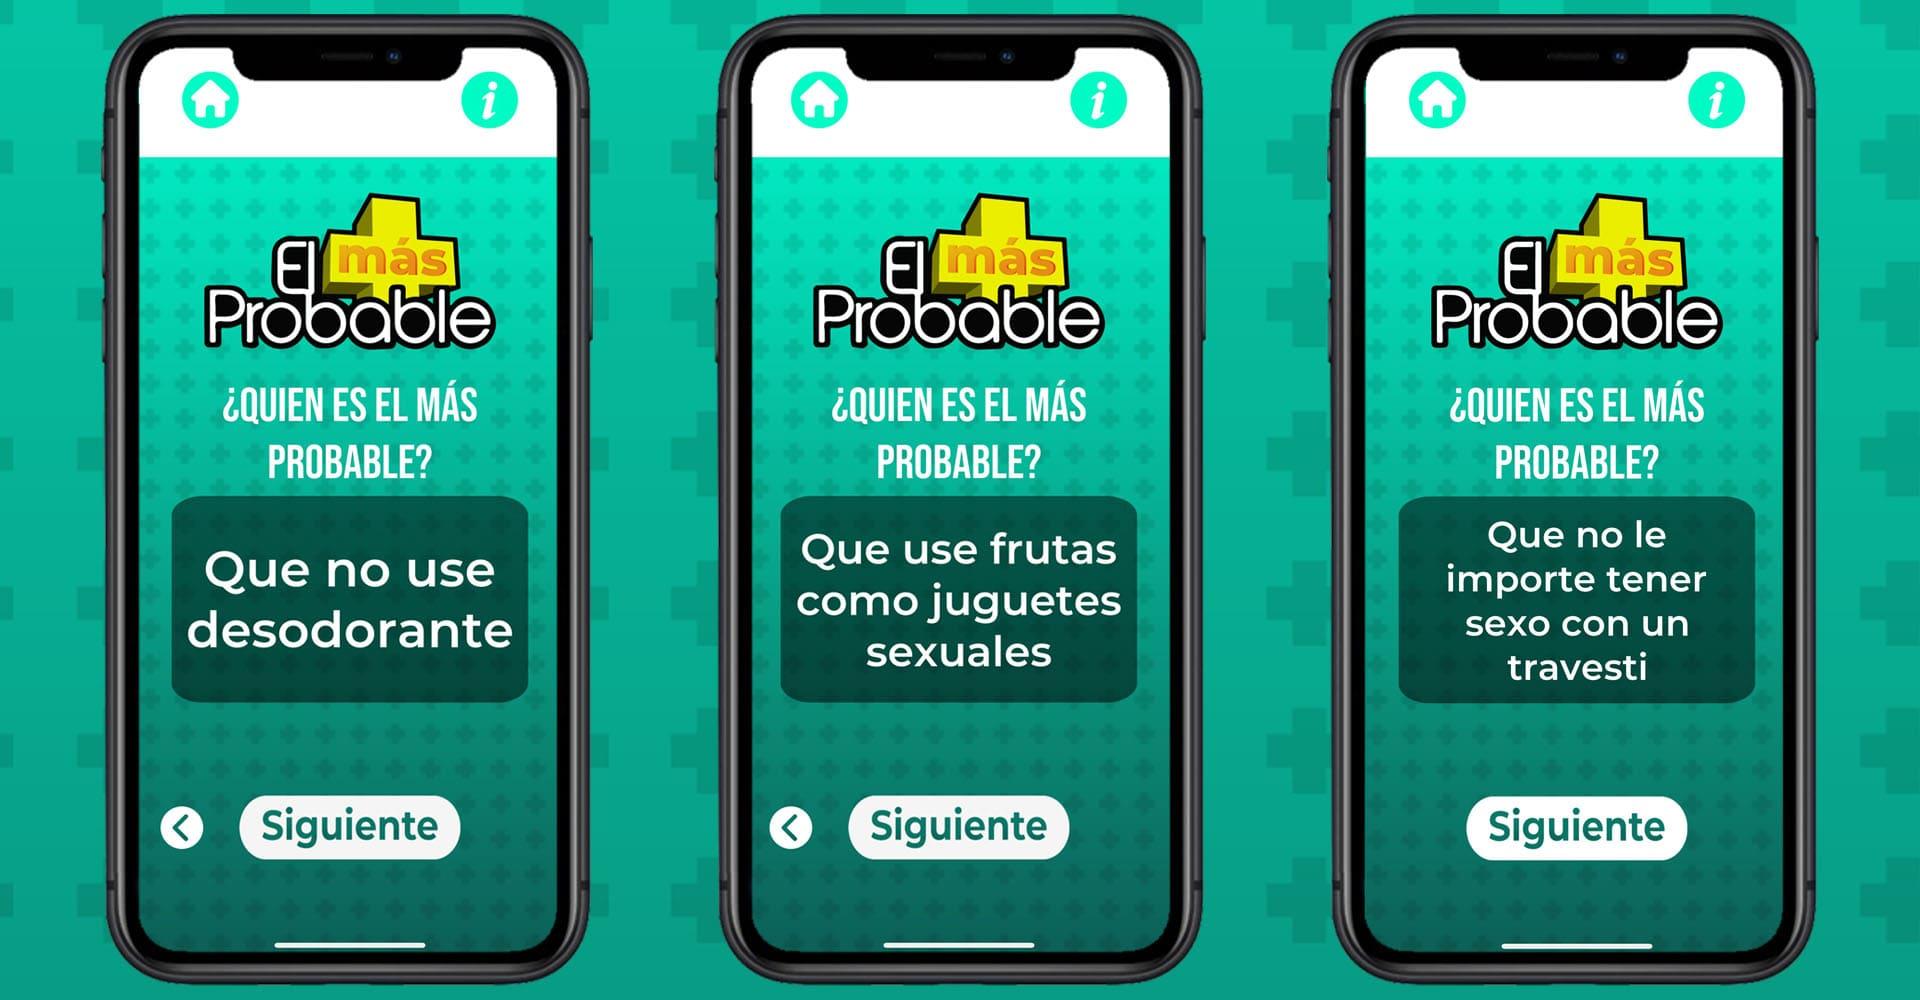 El Mas Probable Un Juego Para Tomar A Beber App